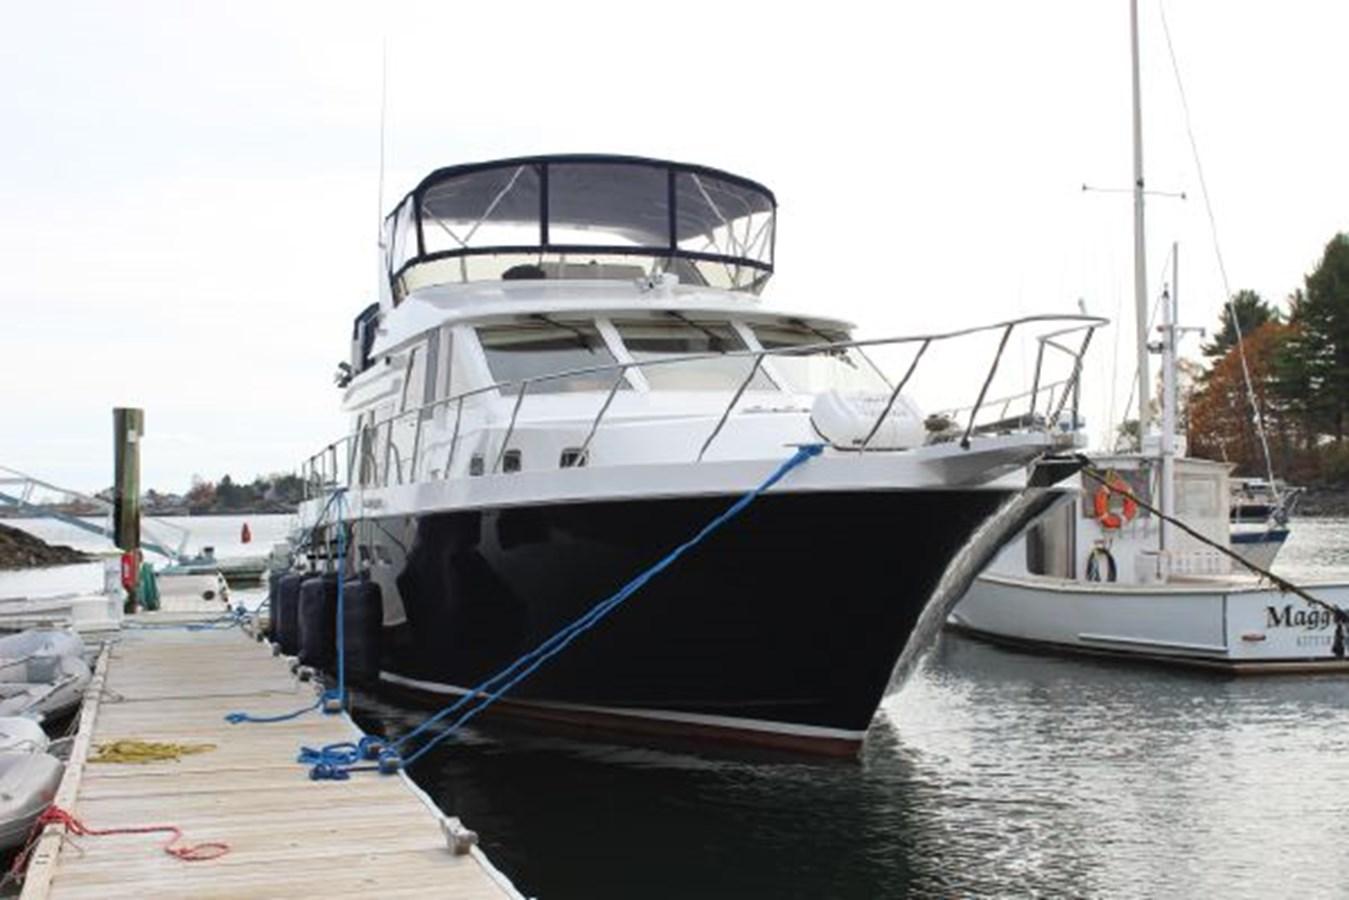 4859061_20141124104146913_1_XLARGE 2000 OCEAN ALEXANDER  Motor Yacht 2838042